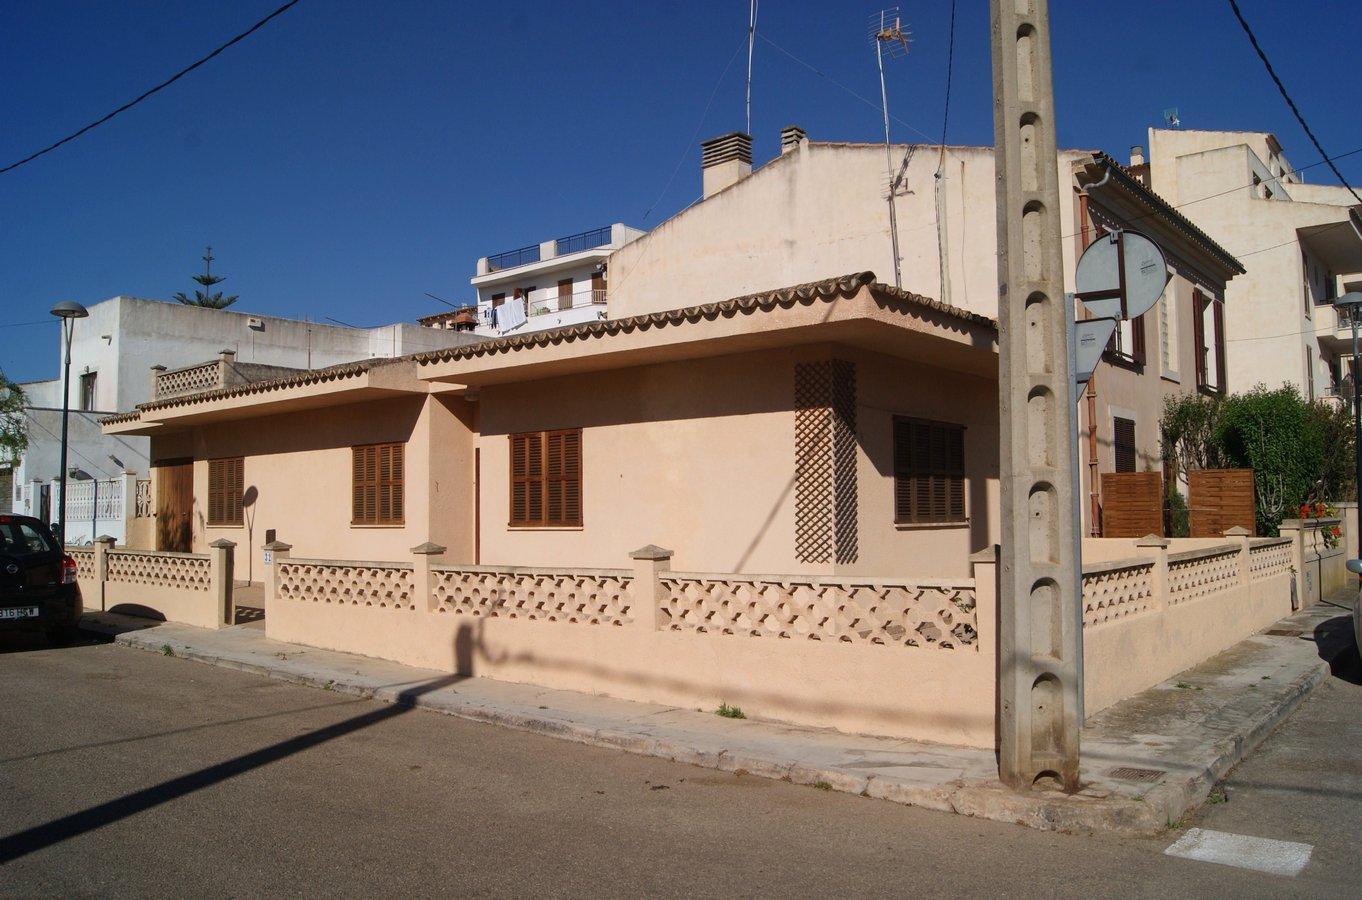 Rental House  Calle. Acogedor chalet adosado sin amueblar en buen estado de conservac